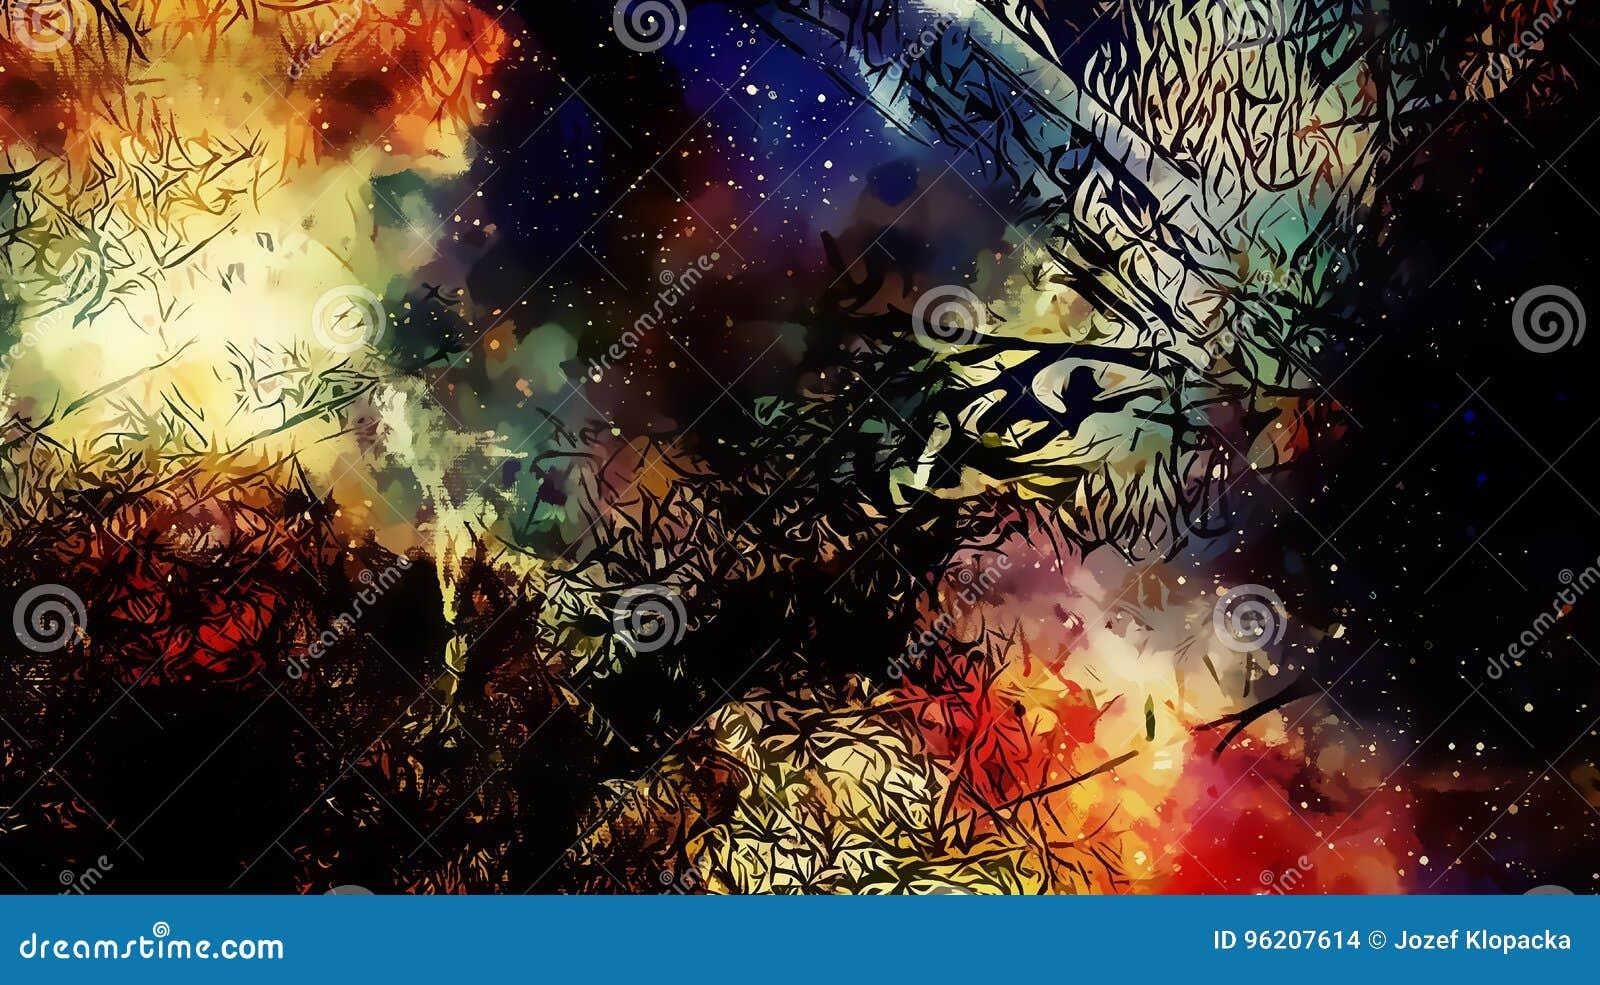 Kosmiskt utrymme och stjärnor, färgar kosmisk abstrakt bakgrund och svartFractalstrukturen